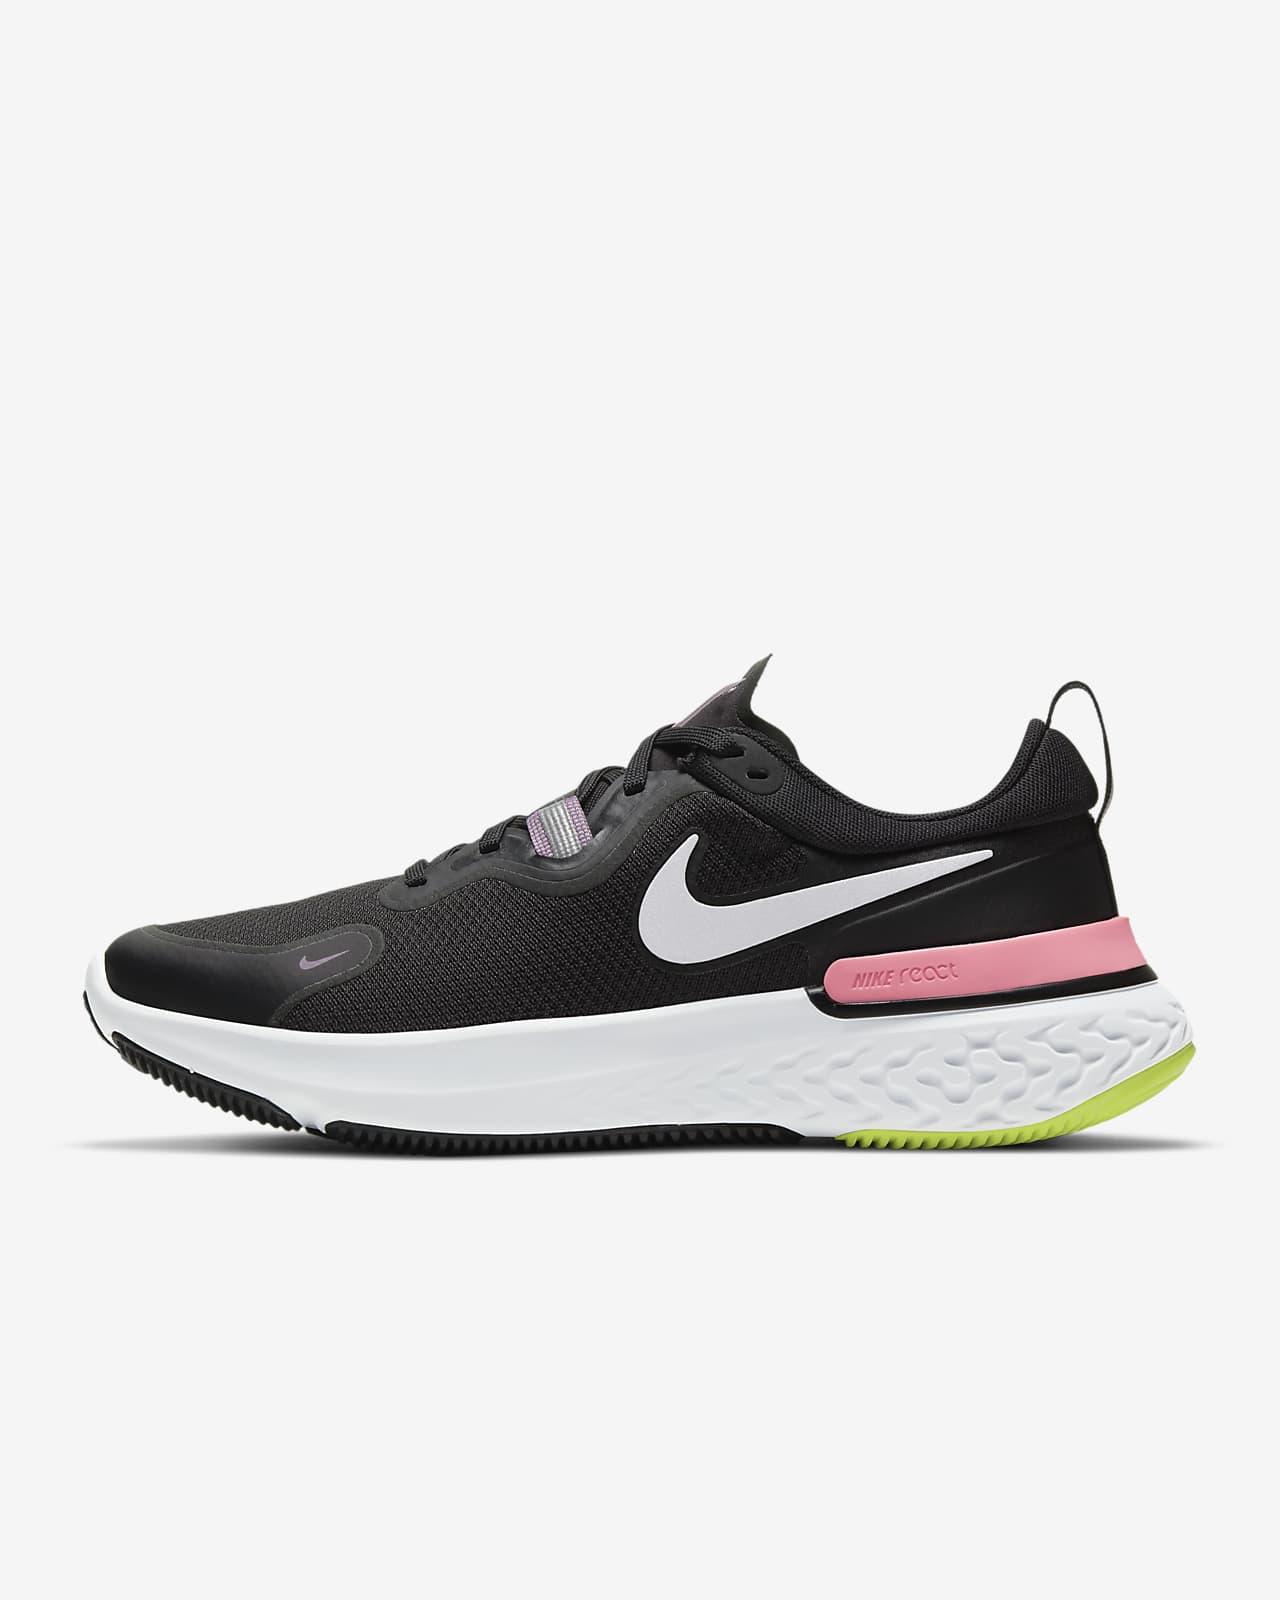 รองเท้าวิ่งผู้หญิง Nike React Miler